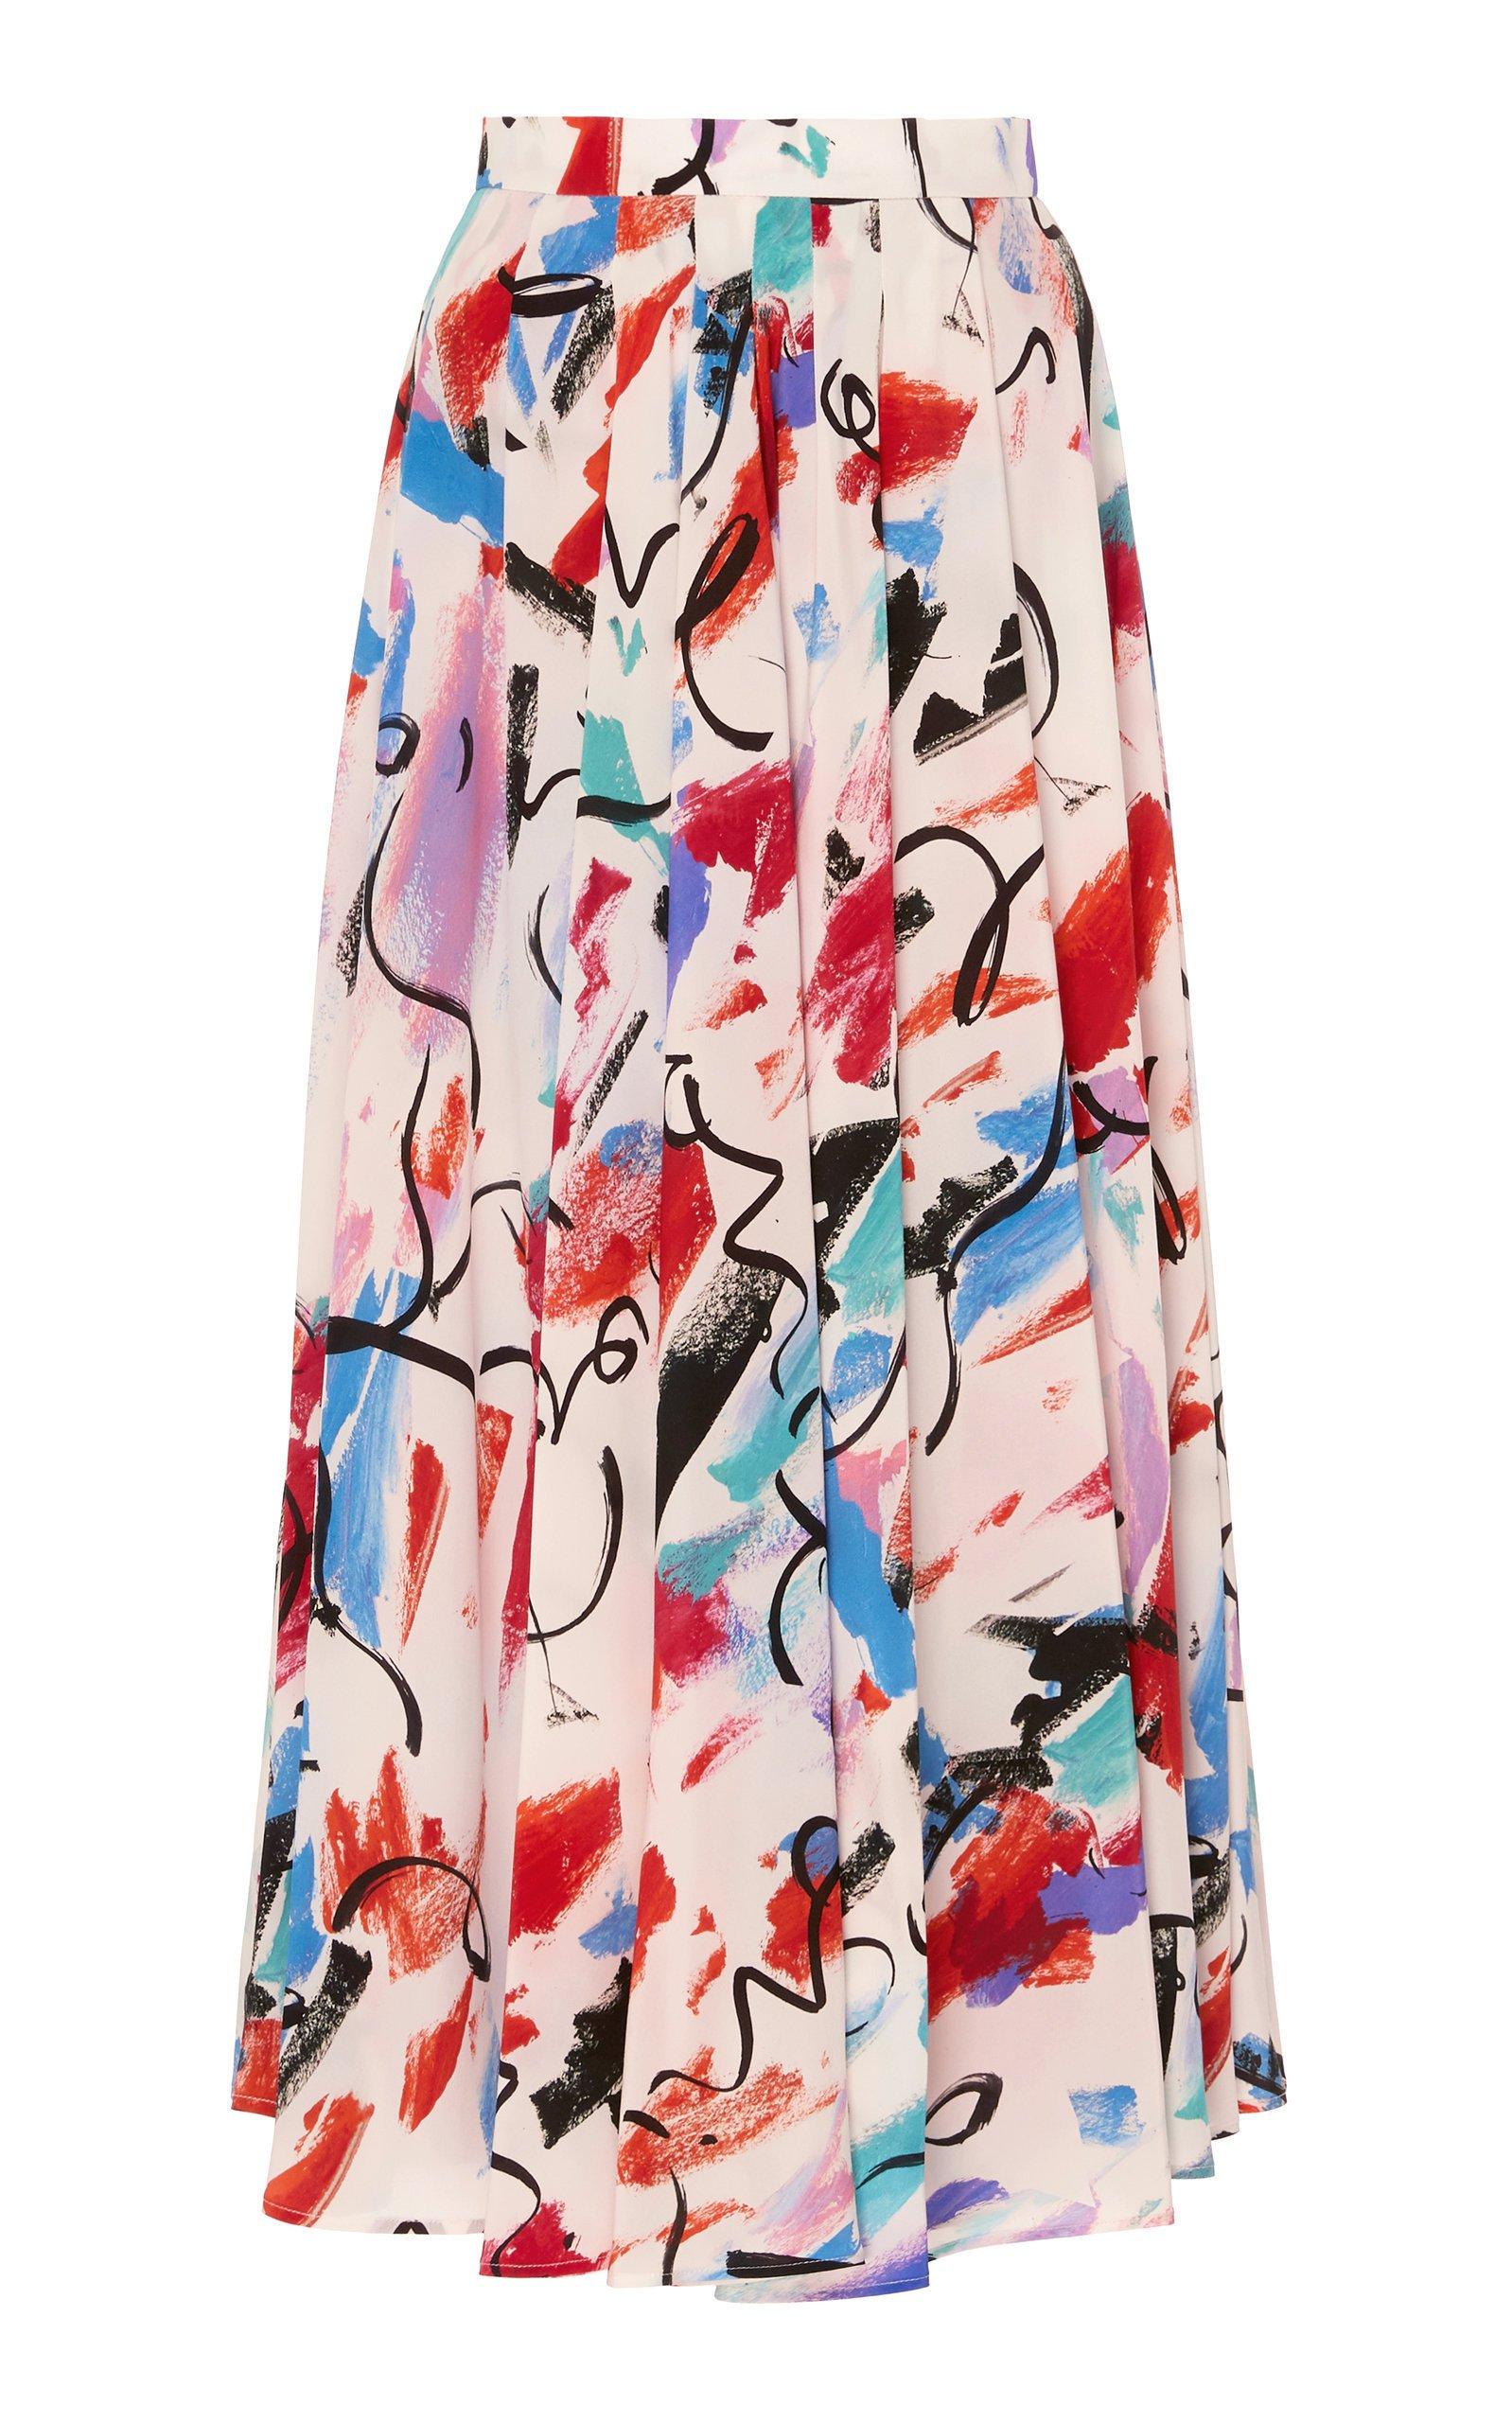 SOONIL Multi Printed Pleated Skirt Size: 8